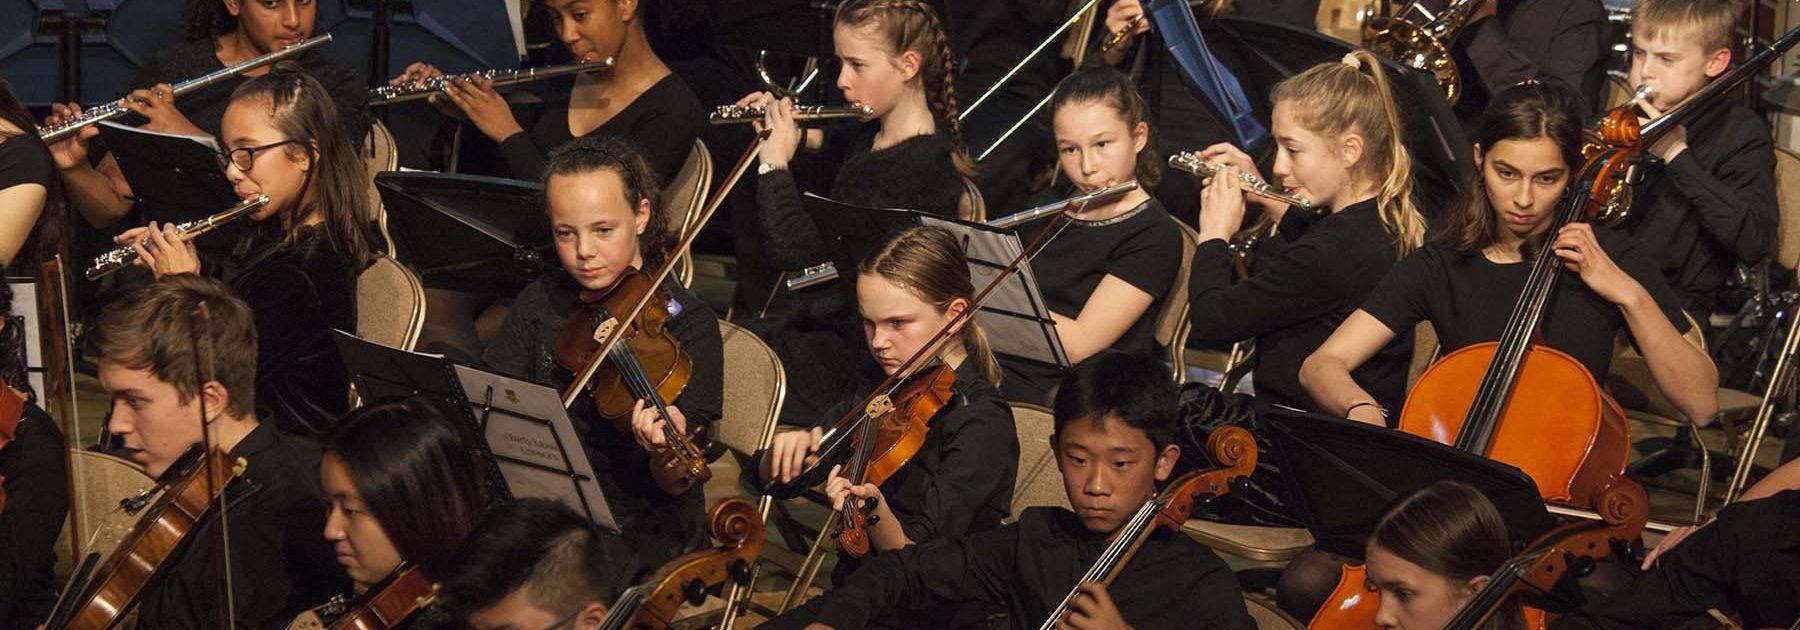 Autumn Concert – A Musical Highlight